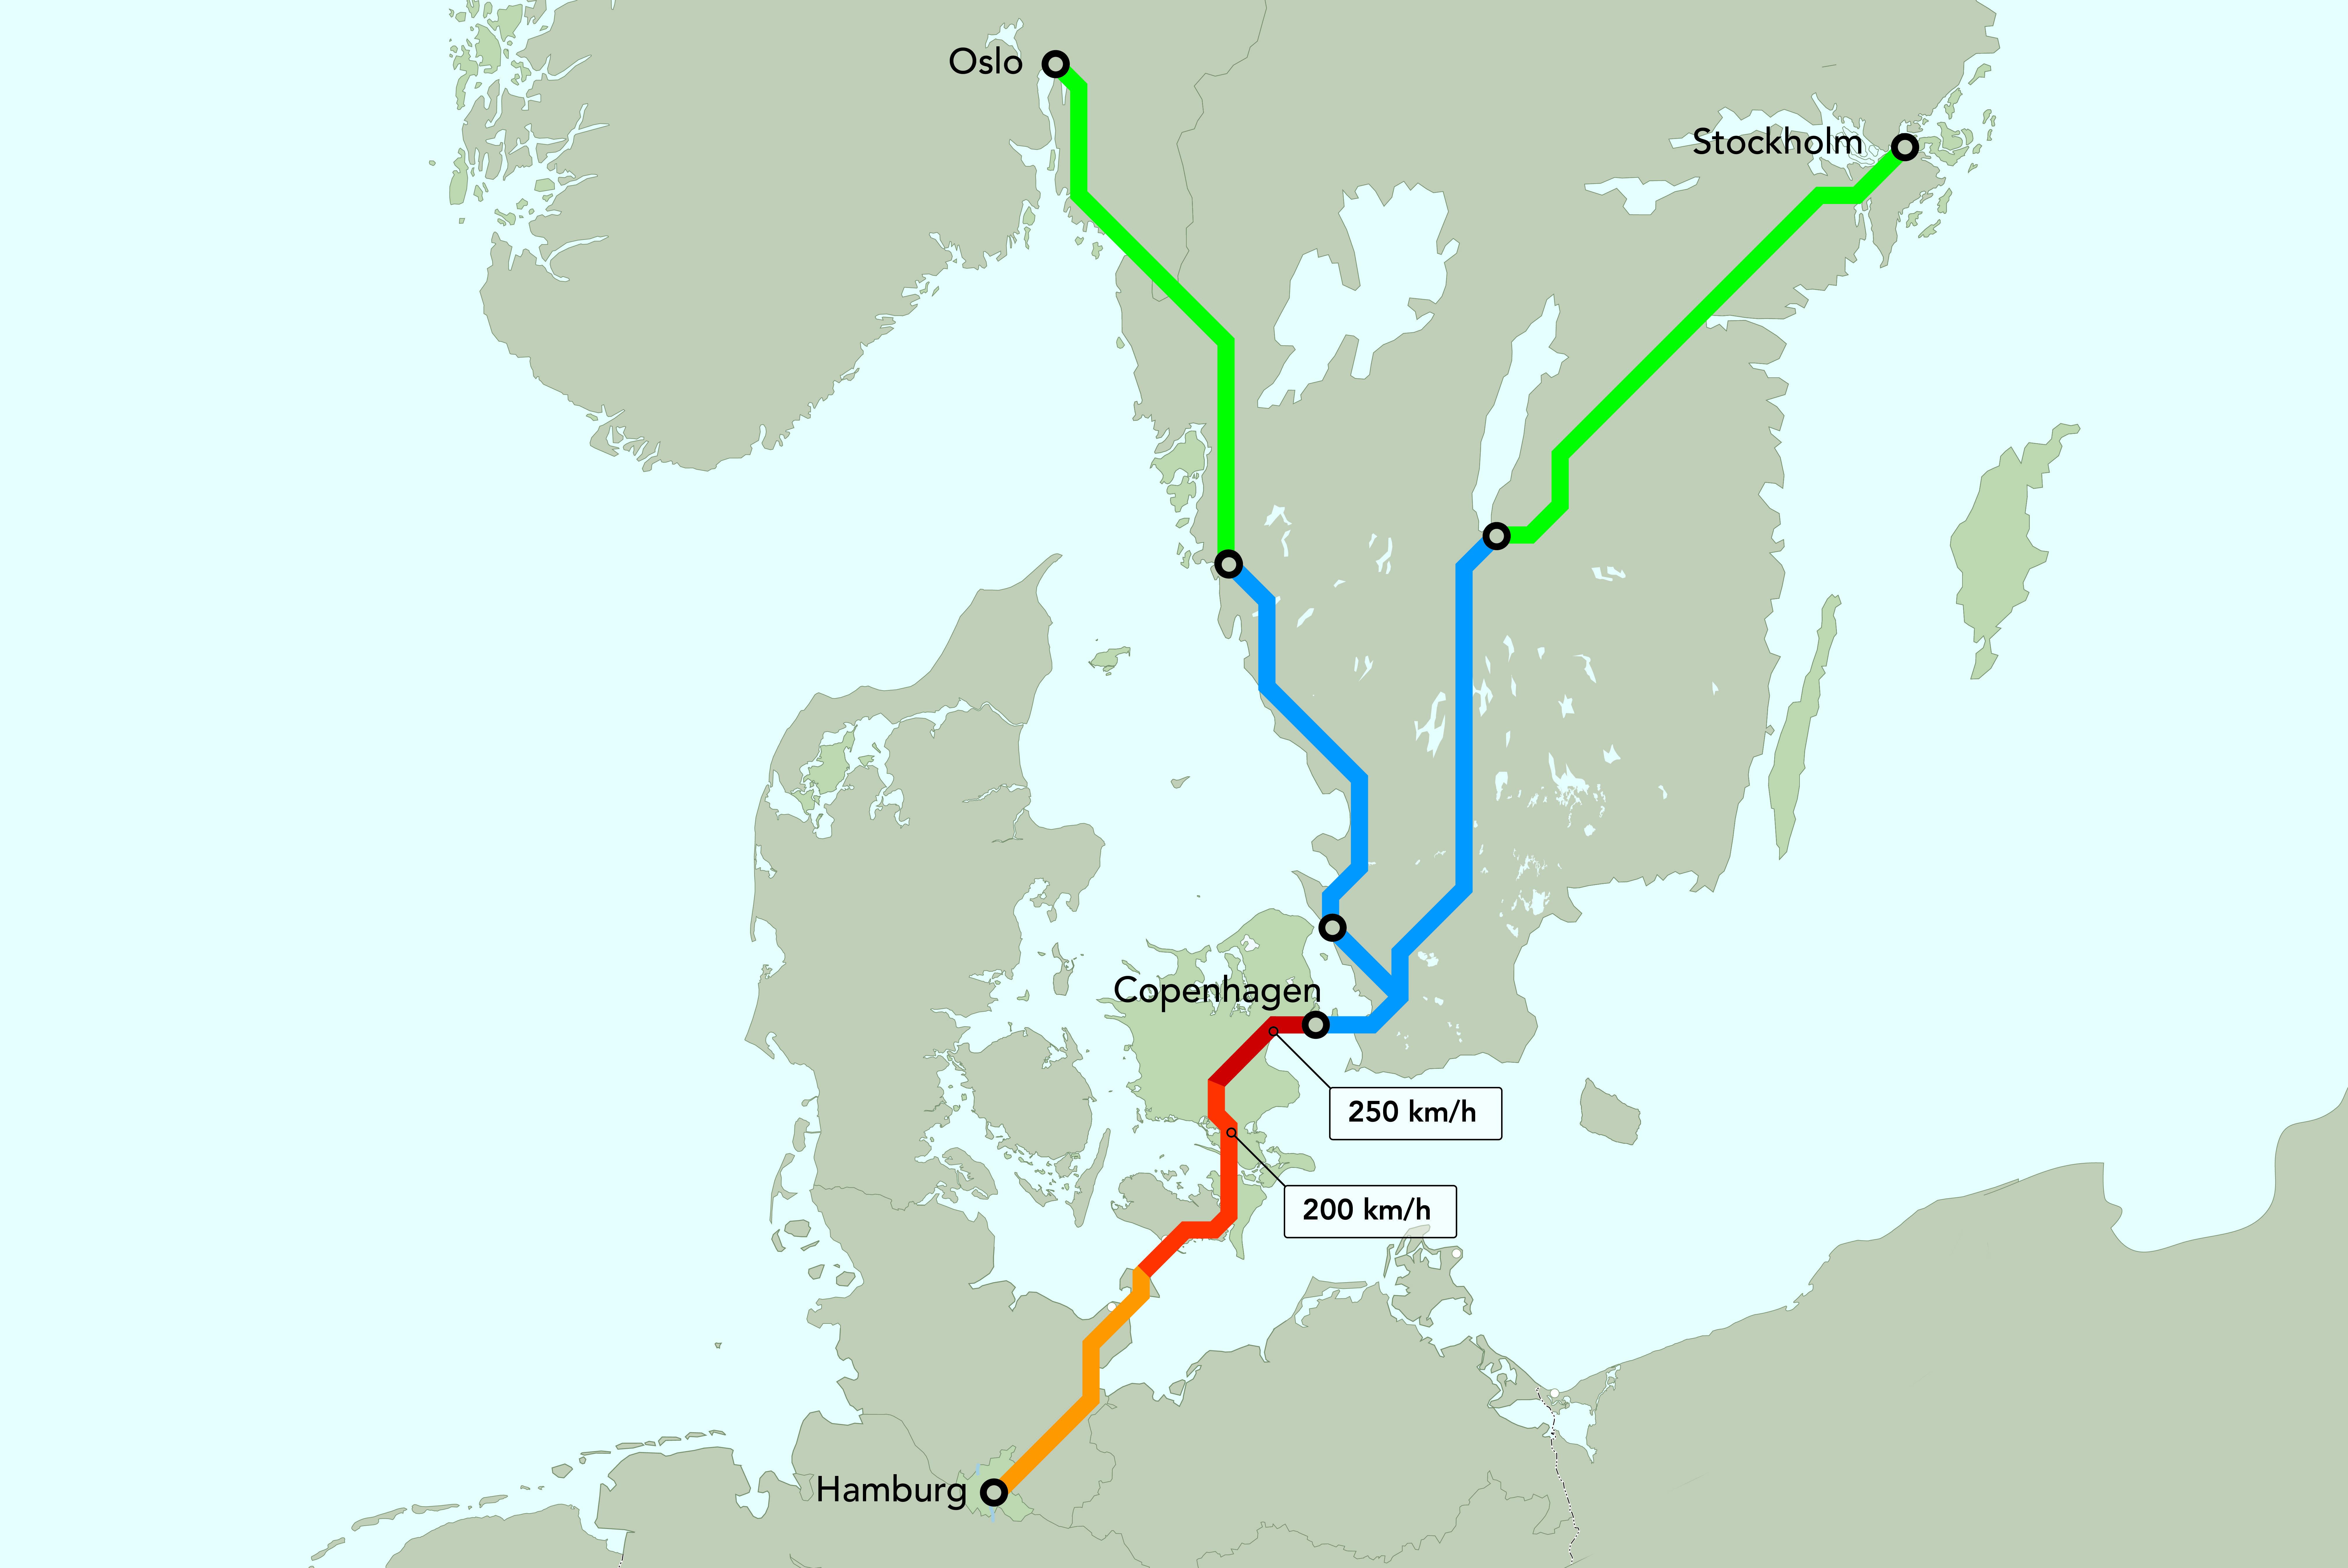 Der Tunnel durch die Ostsee soll die Bahnverbindungen zwischen Deutschland und Skandinavien beschleunigen. Allerdings soll die Bahnstrecke auf deutscher Strecke vorerst nur eingleisig bleiben.